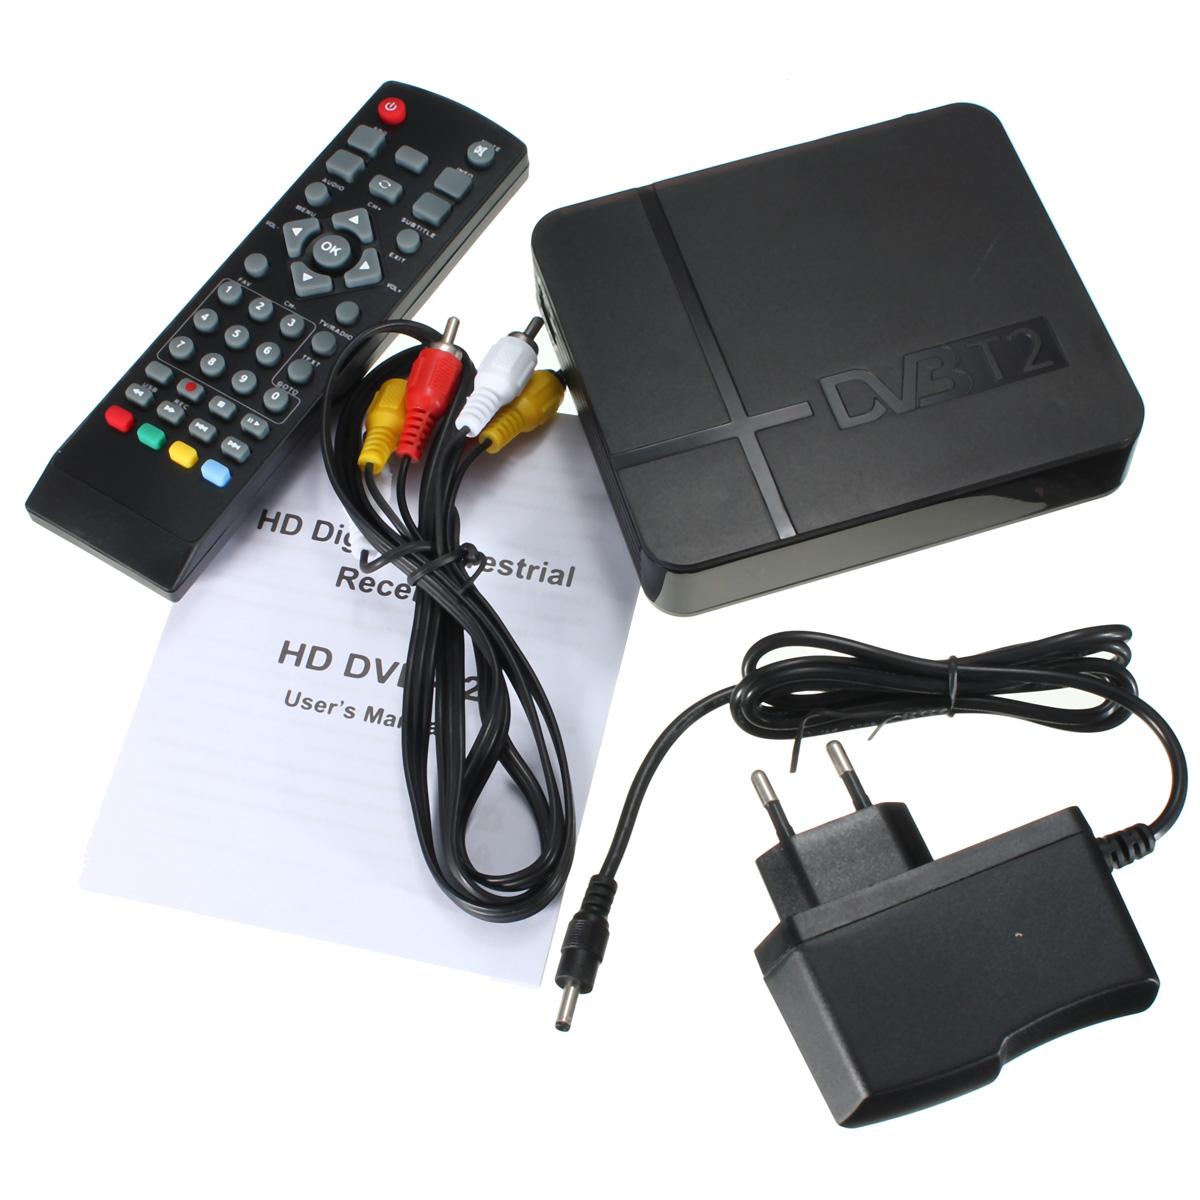 Buy K2 DVB-T/T2 TV Receiver 3D Digital Video Terrestrial MPEG4 PVR HD 1080P Set Top Box